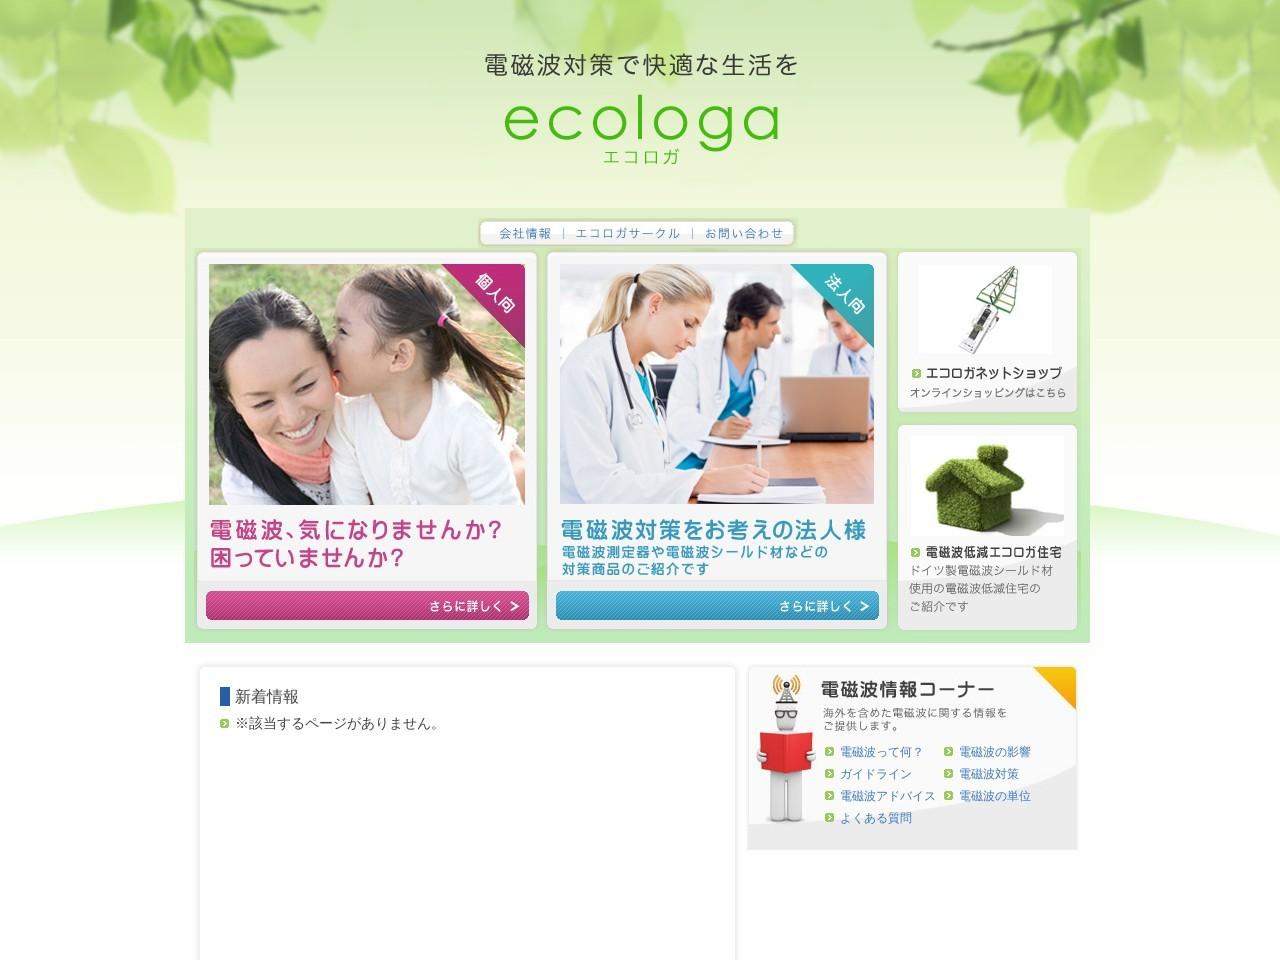 エコロガジャパン株式会社